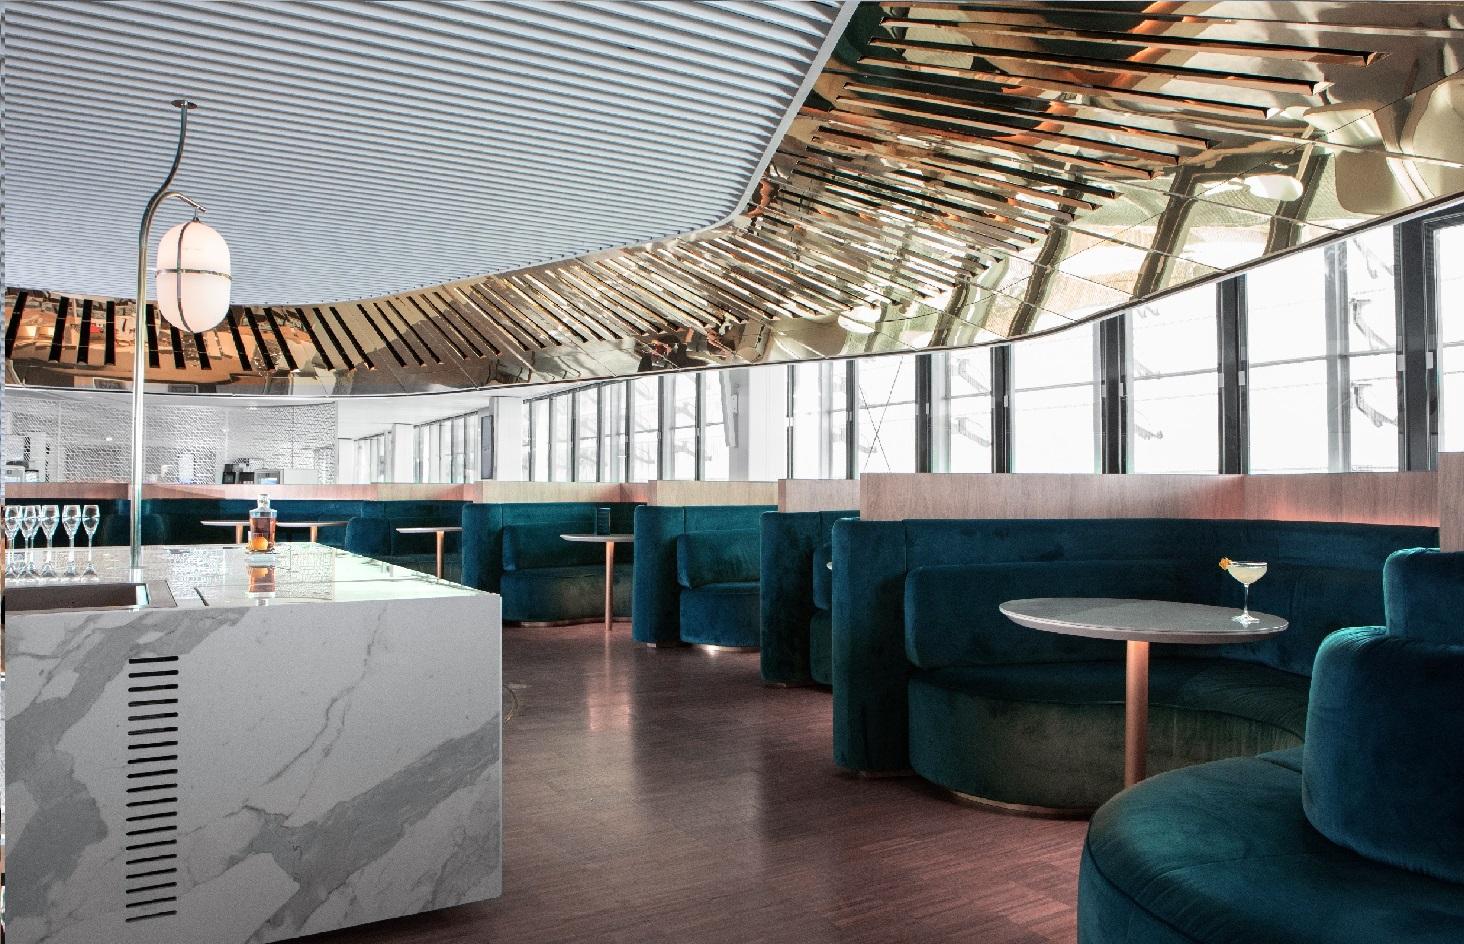 Le nouveau salon Business Air France  Paris CDG  est termin  Prfrence Business Travel